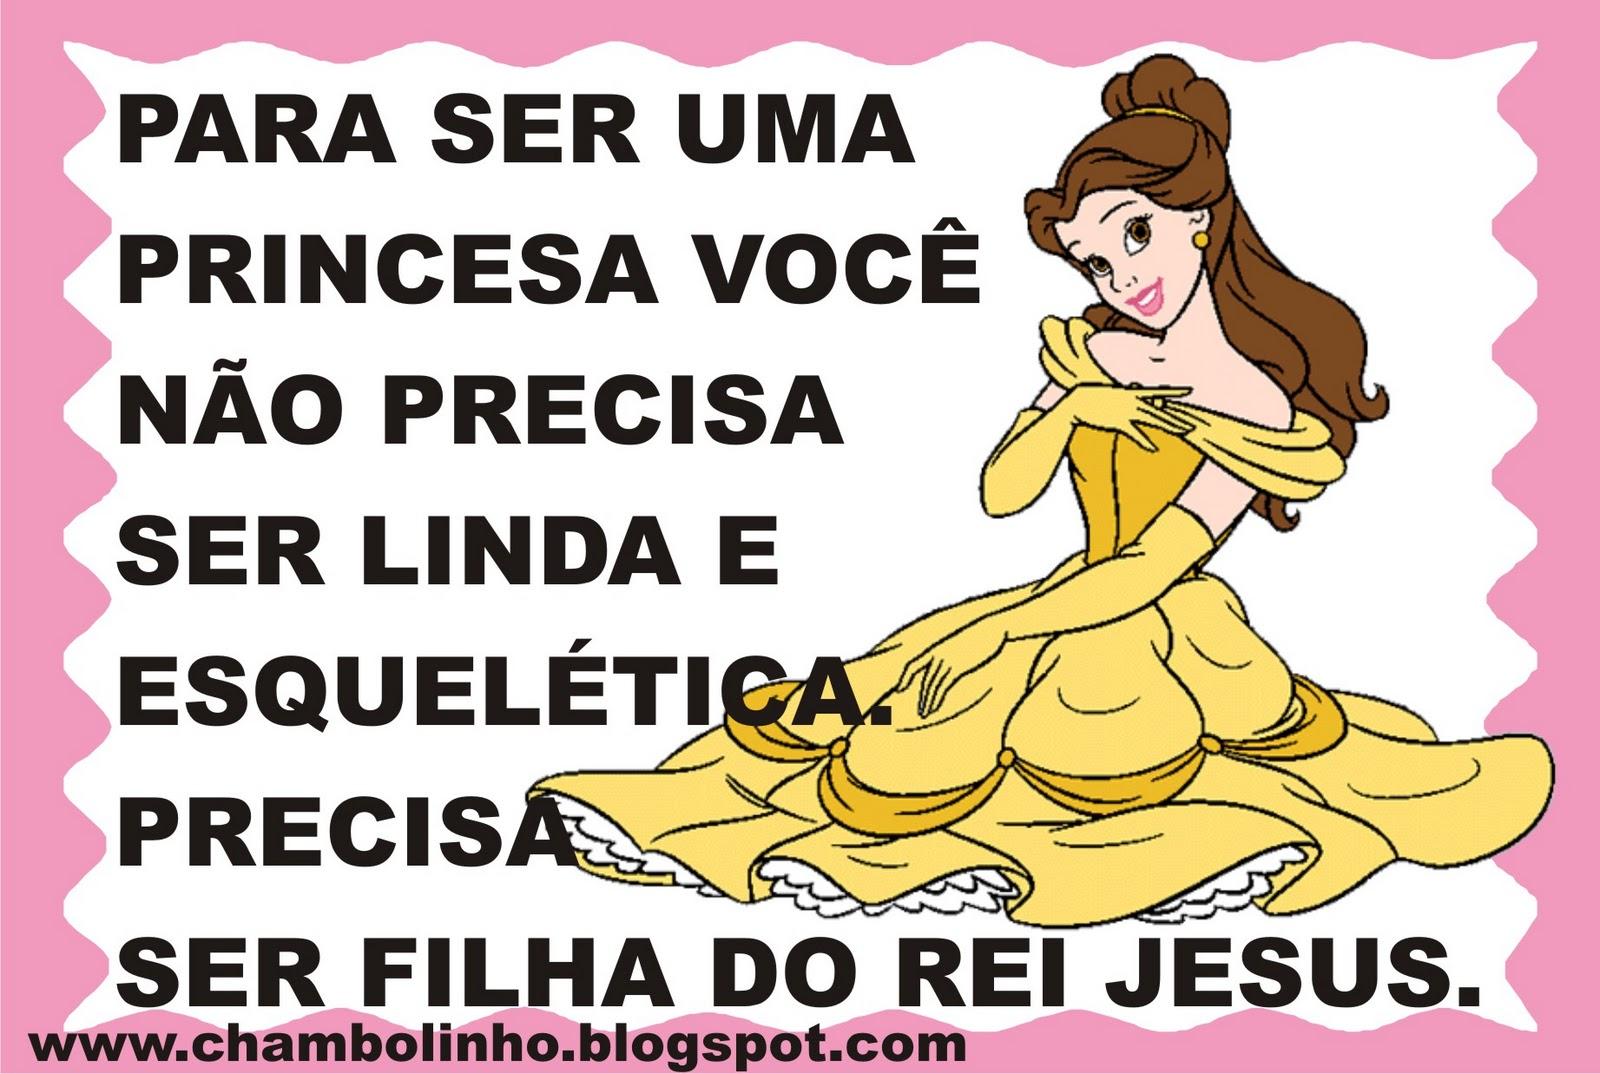 Imagem De Bom Dia Evangélica: Frases De Bom Dia Evangelicas Para Facebook